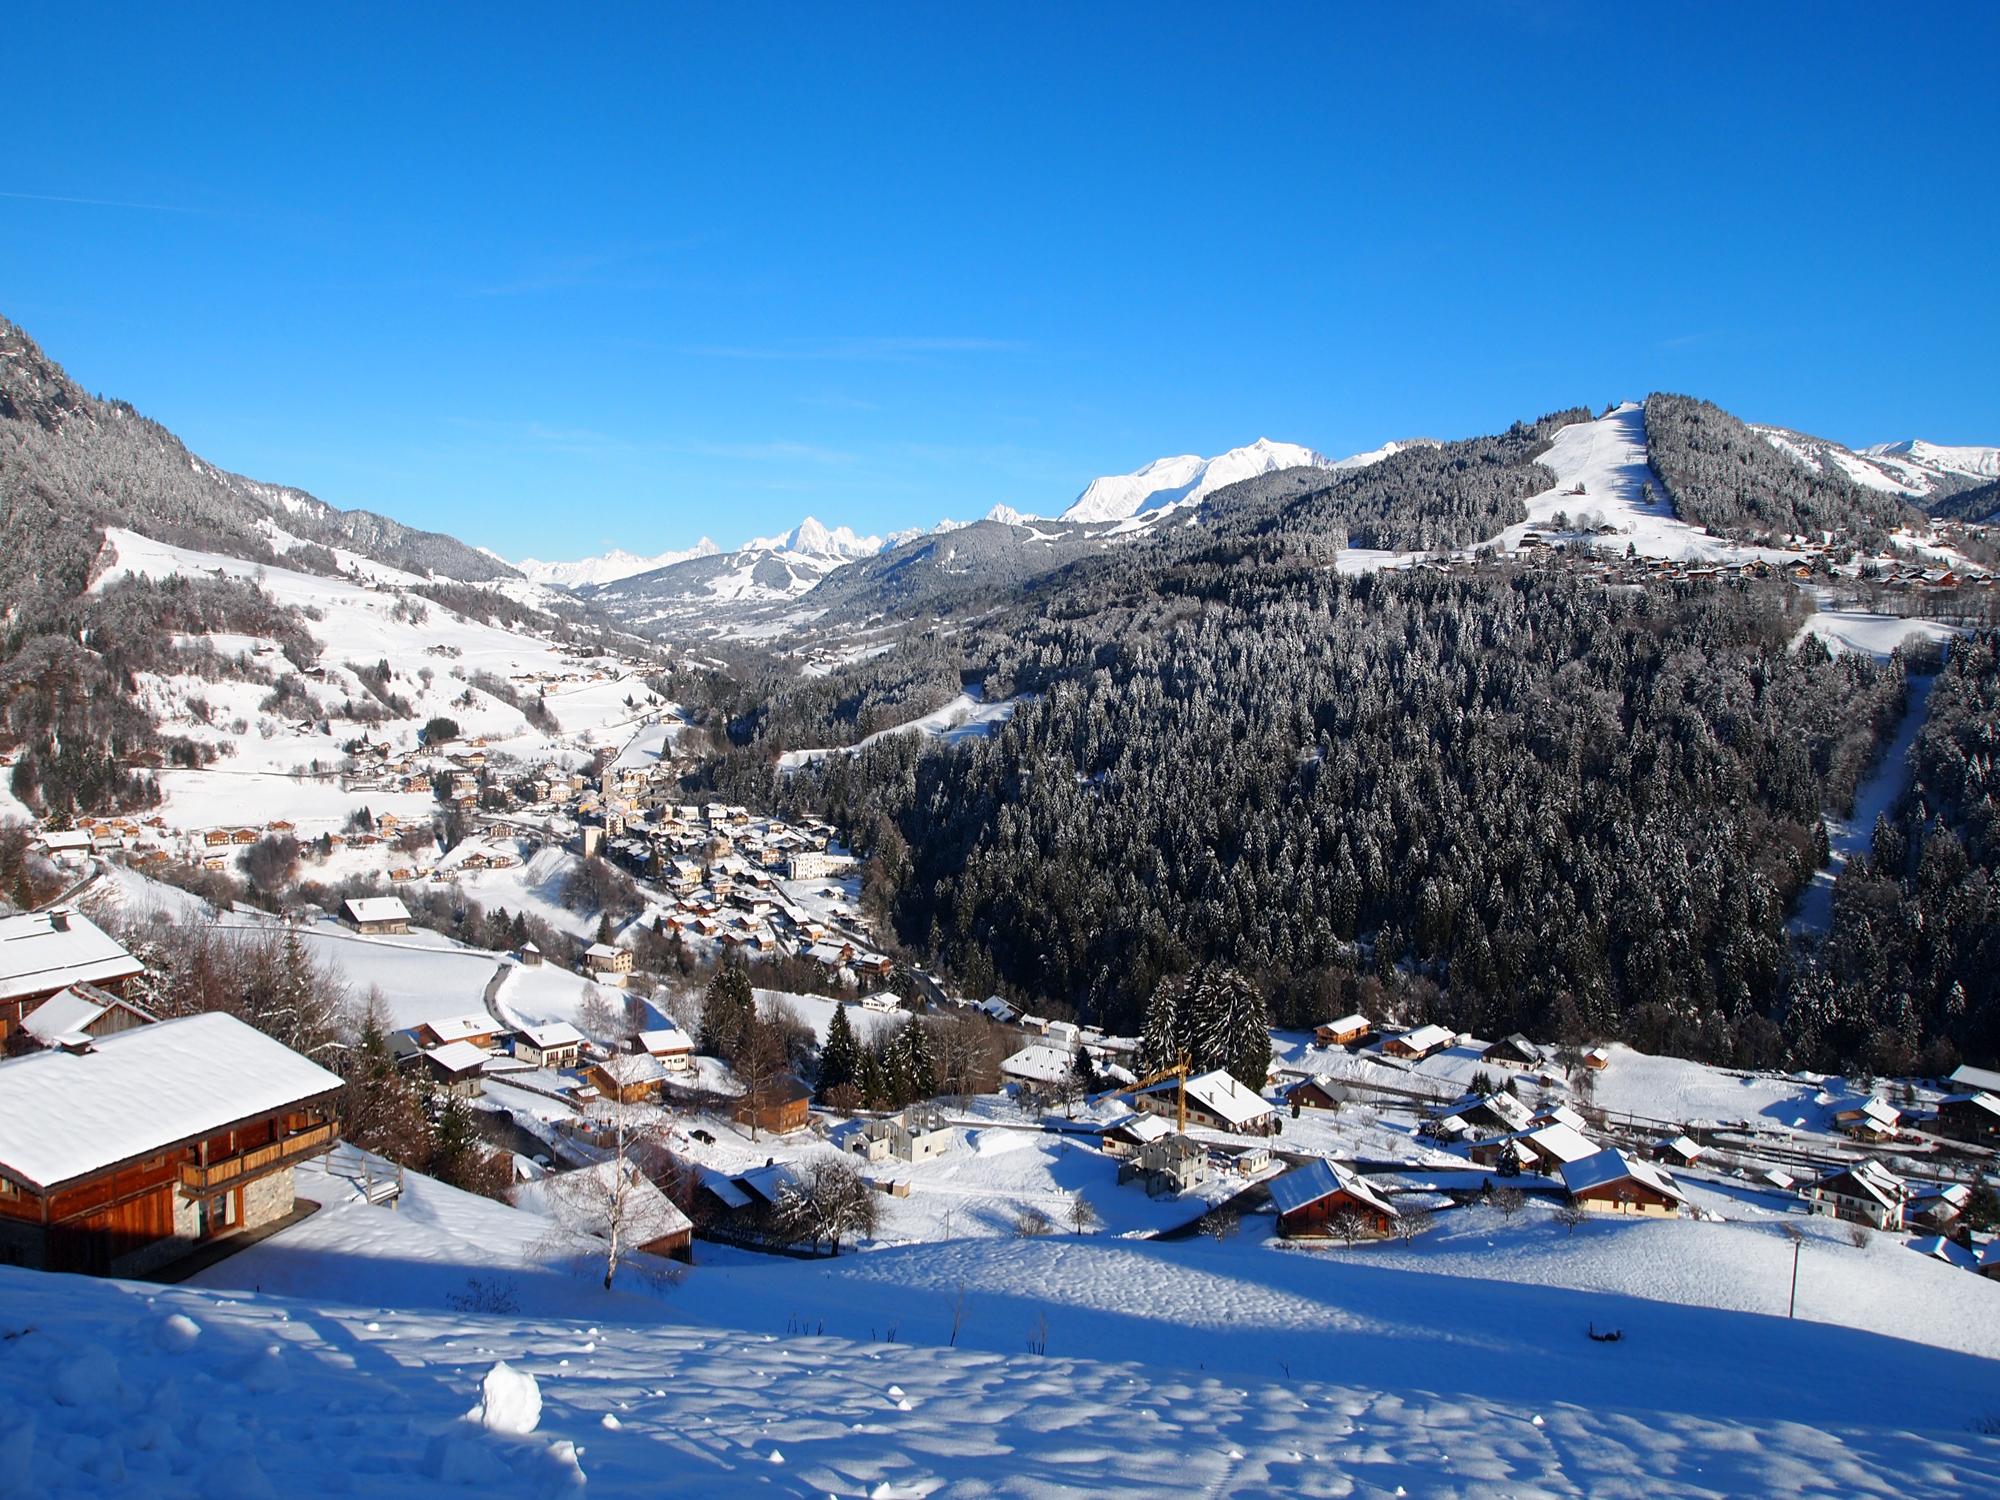 Domaine skiable flumet station et pistes de ski flumet ski planet - Office de tourisme flumet ...